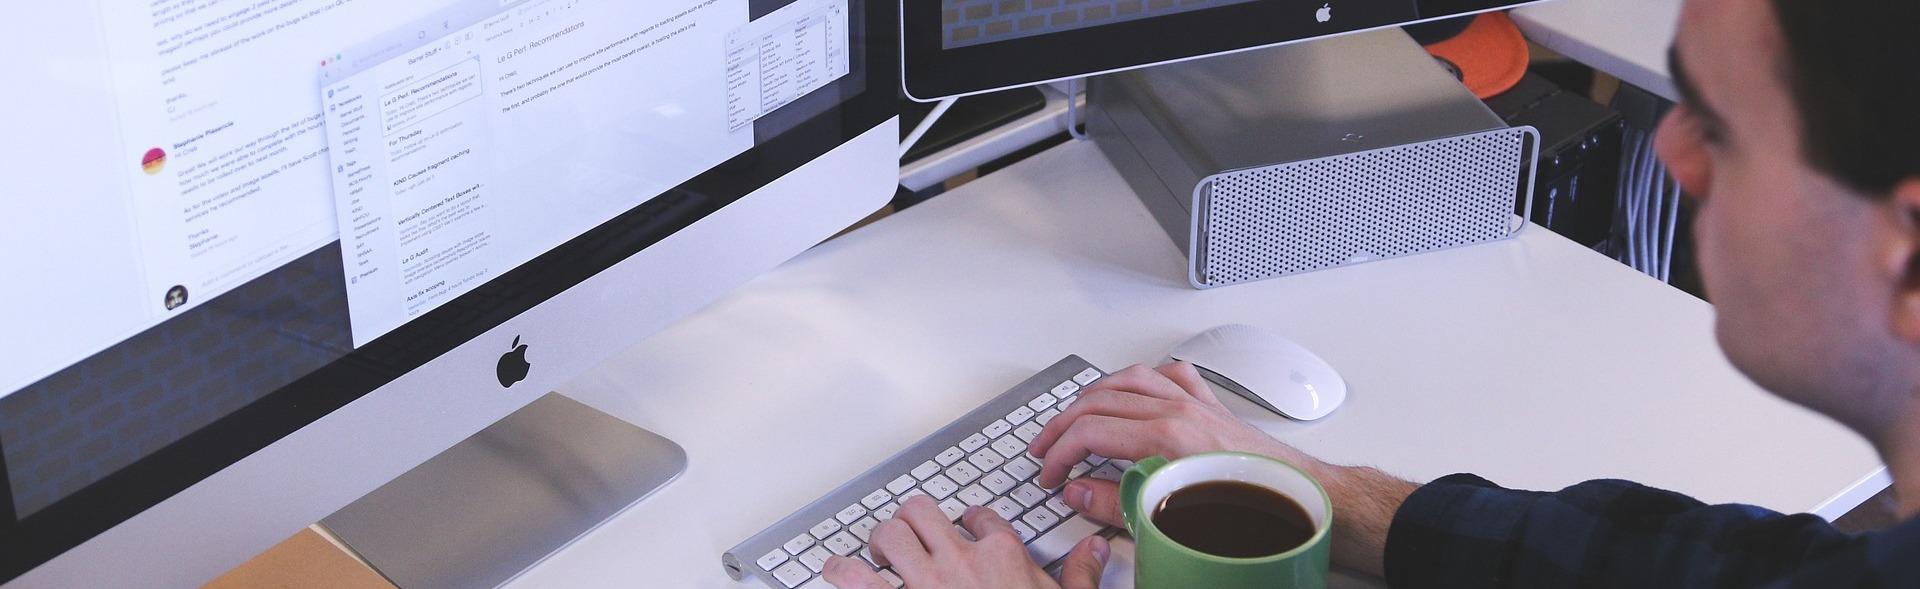 soc2-man-typing2